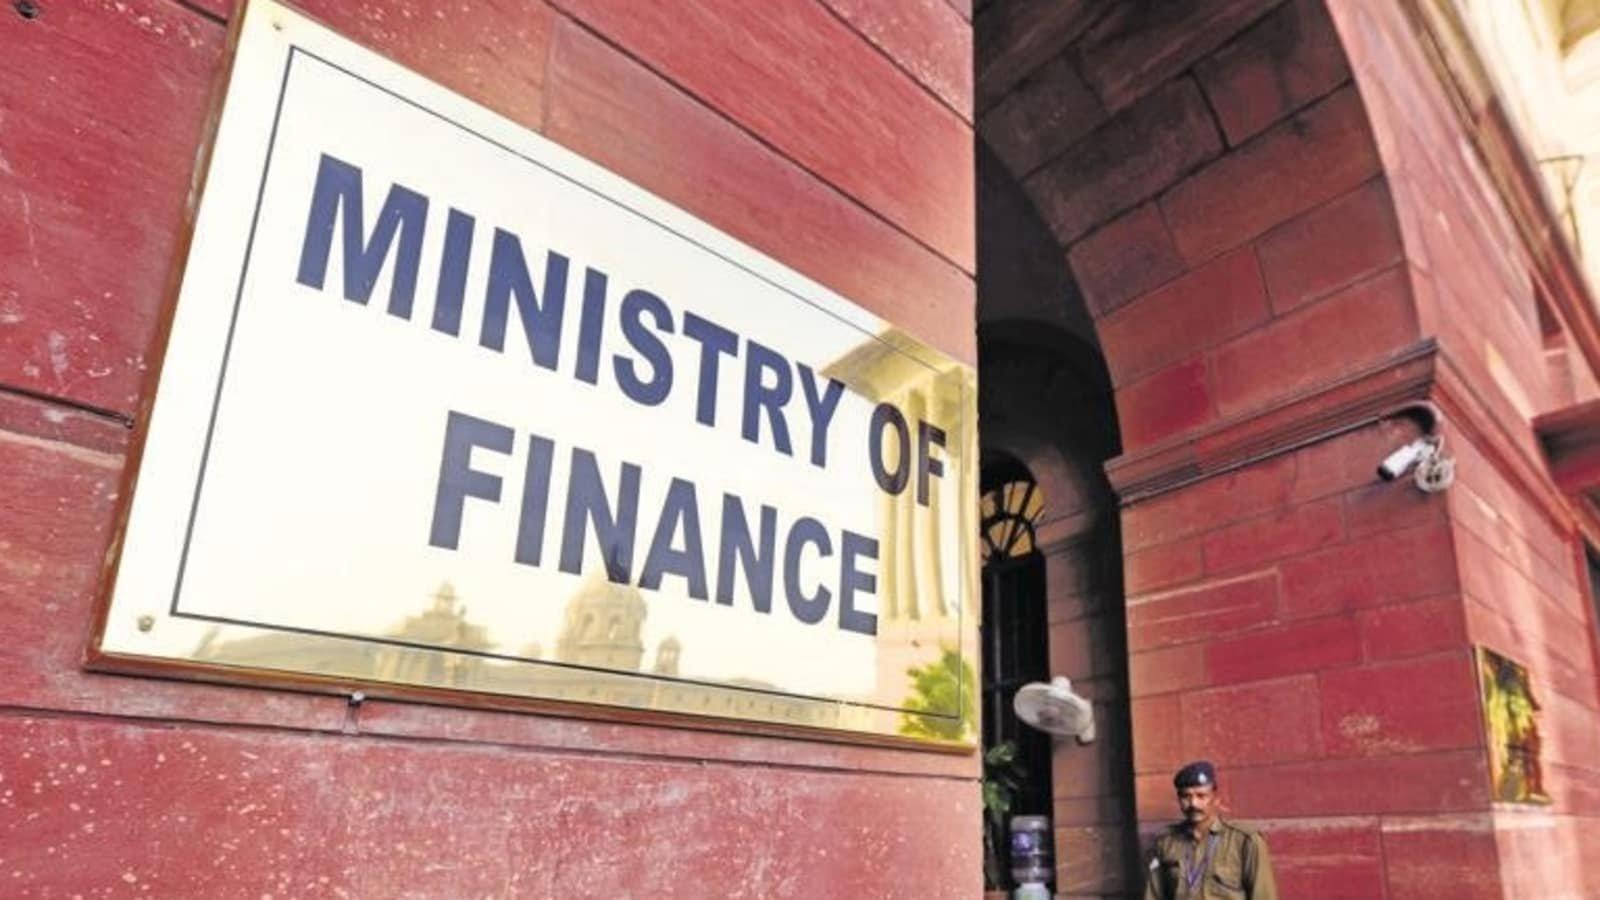 Dept of Public Enterprises brought under Finance Ministry | நிதி அமைச்சகத்தின் கீழ் பொது துறை நிறுவனங்கள் கொண்டுவரப்பட்டது |_40.1